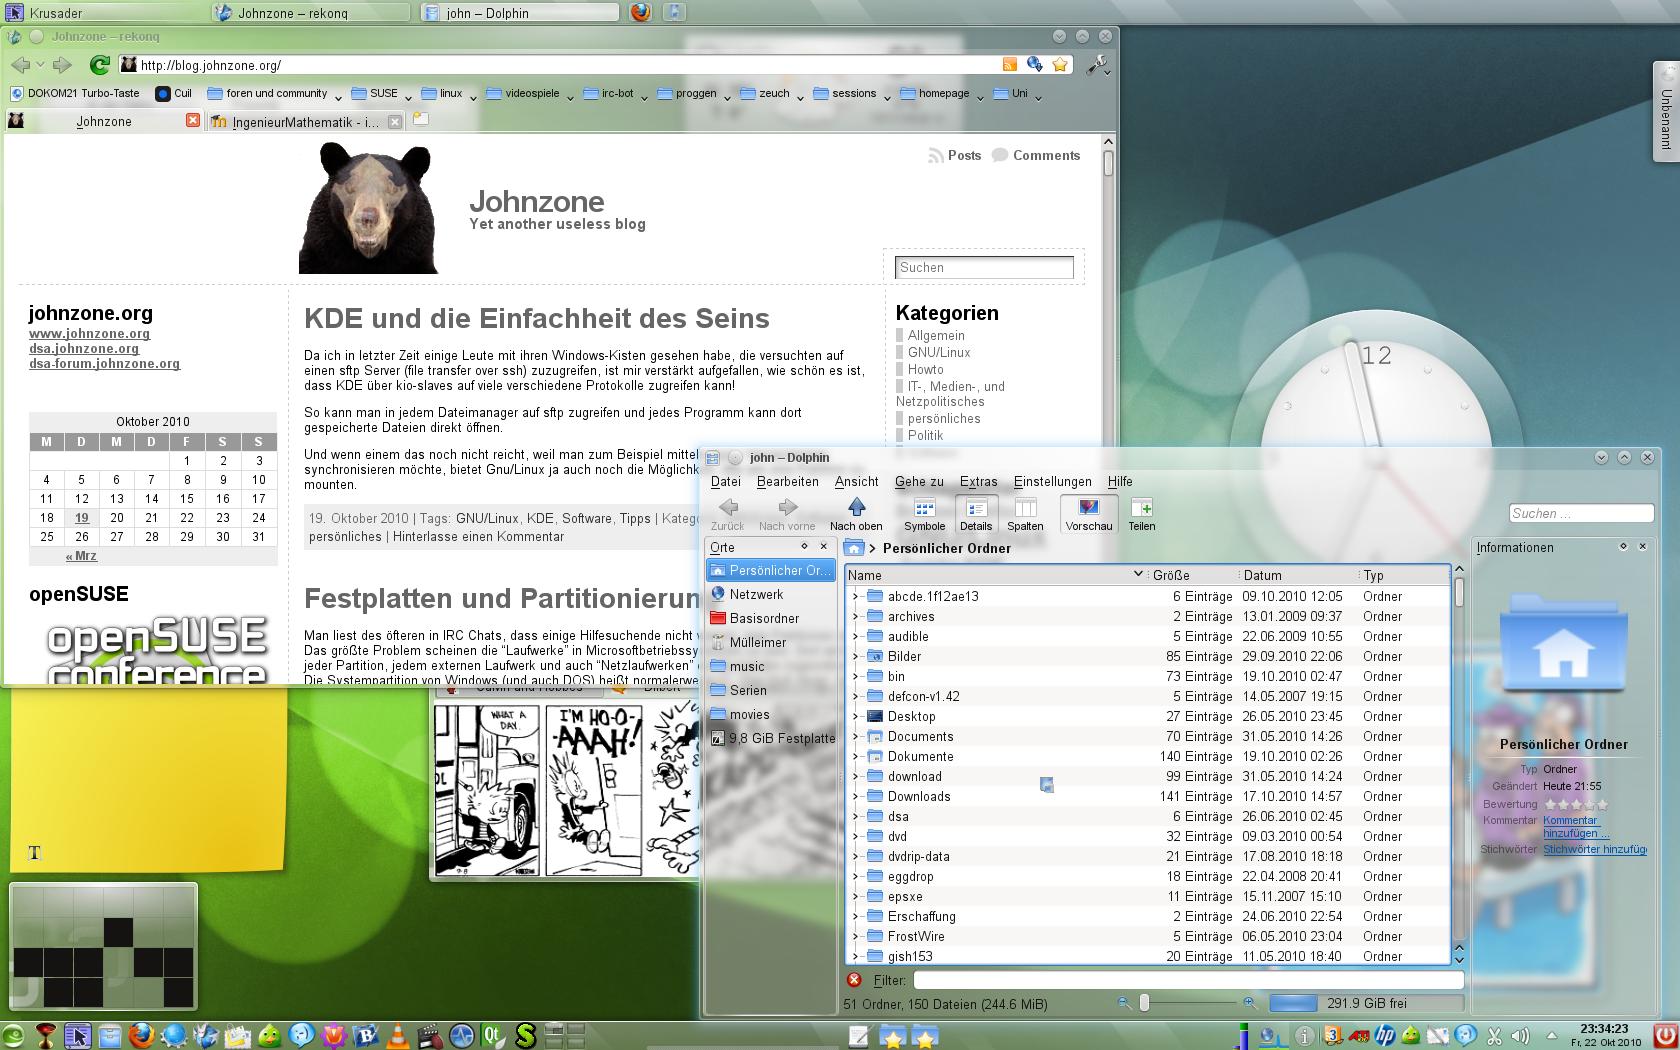 KDE 4.5.2